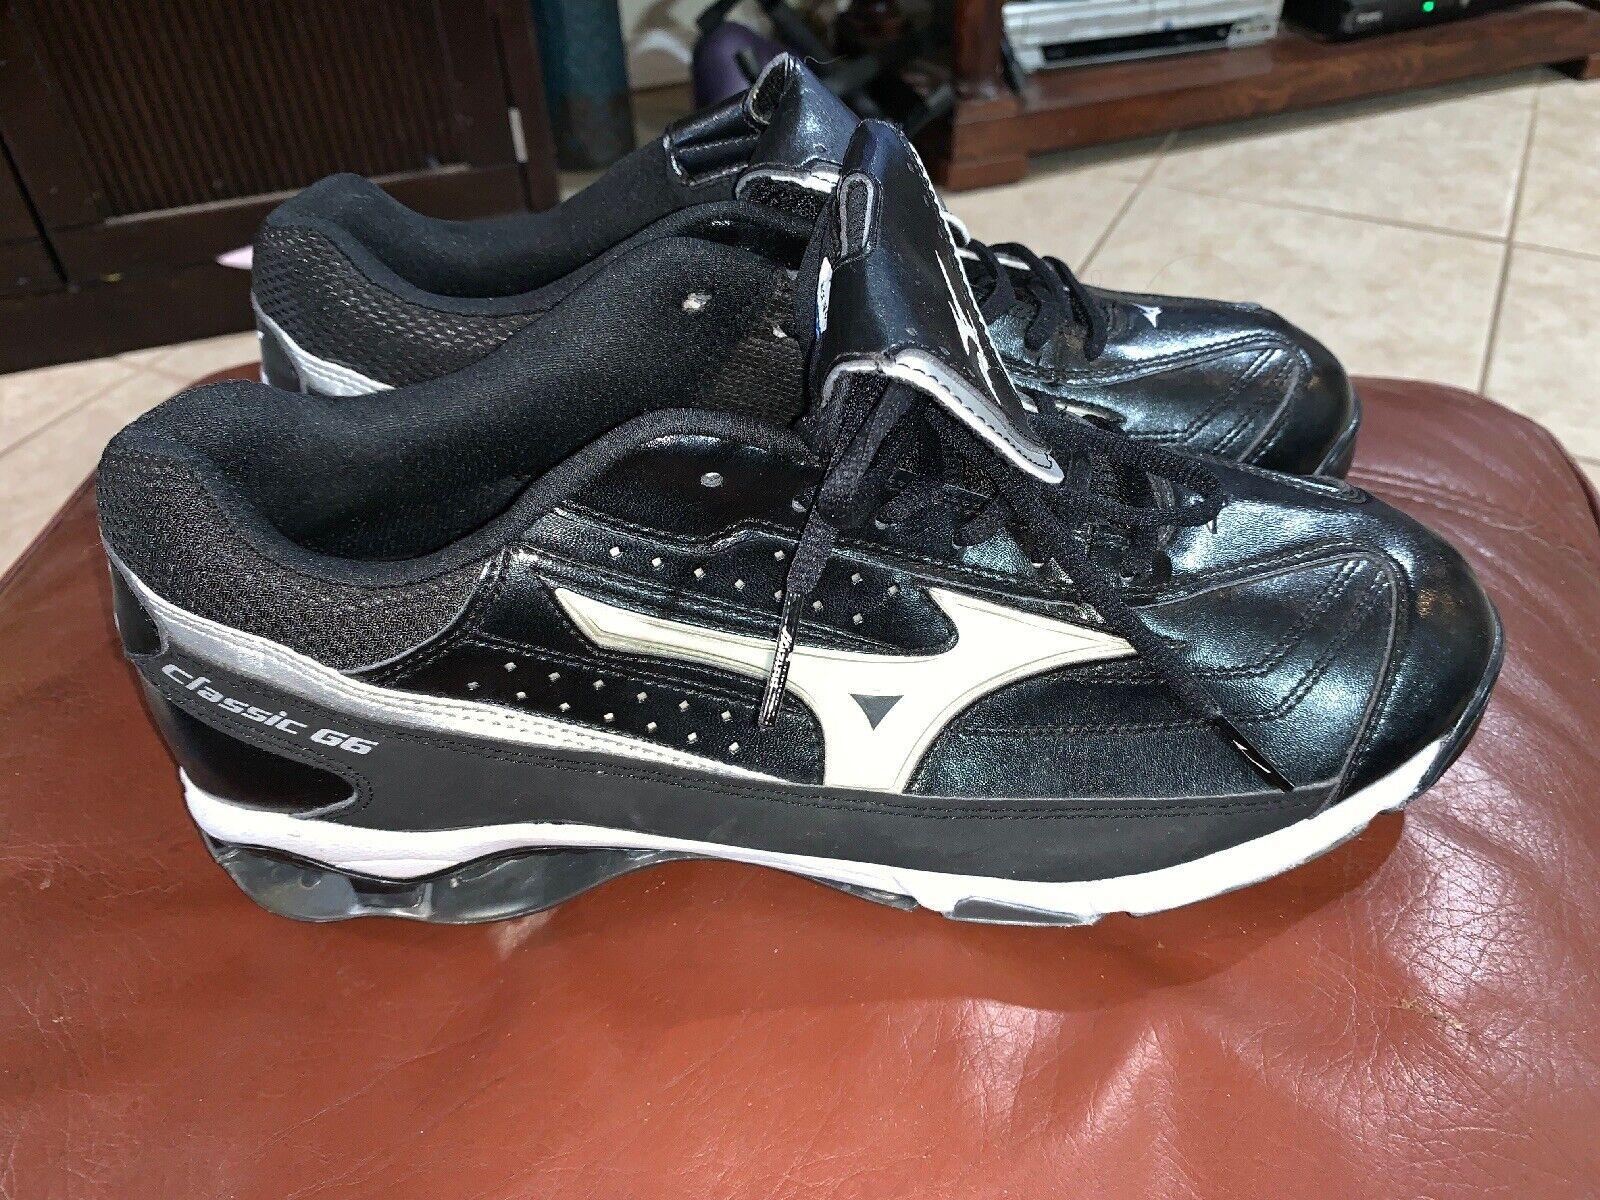 Nuevo para hombre  Mizuno 9 Spike botín de béisbol de metal G6 Clásico Baja blancoo Negro Talla 13  precios mas baratos